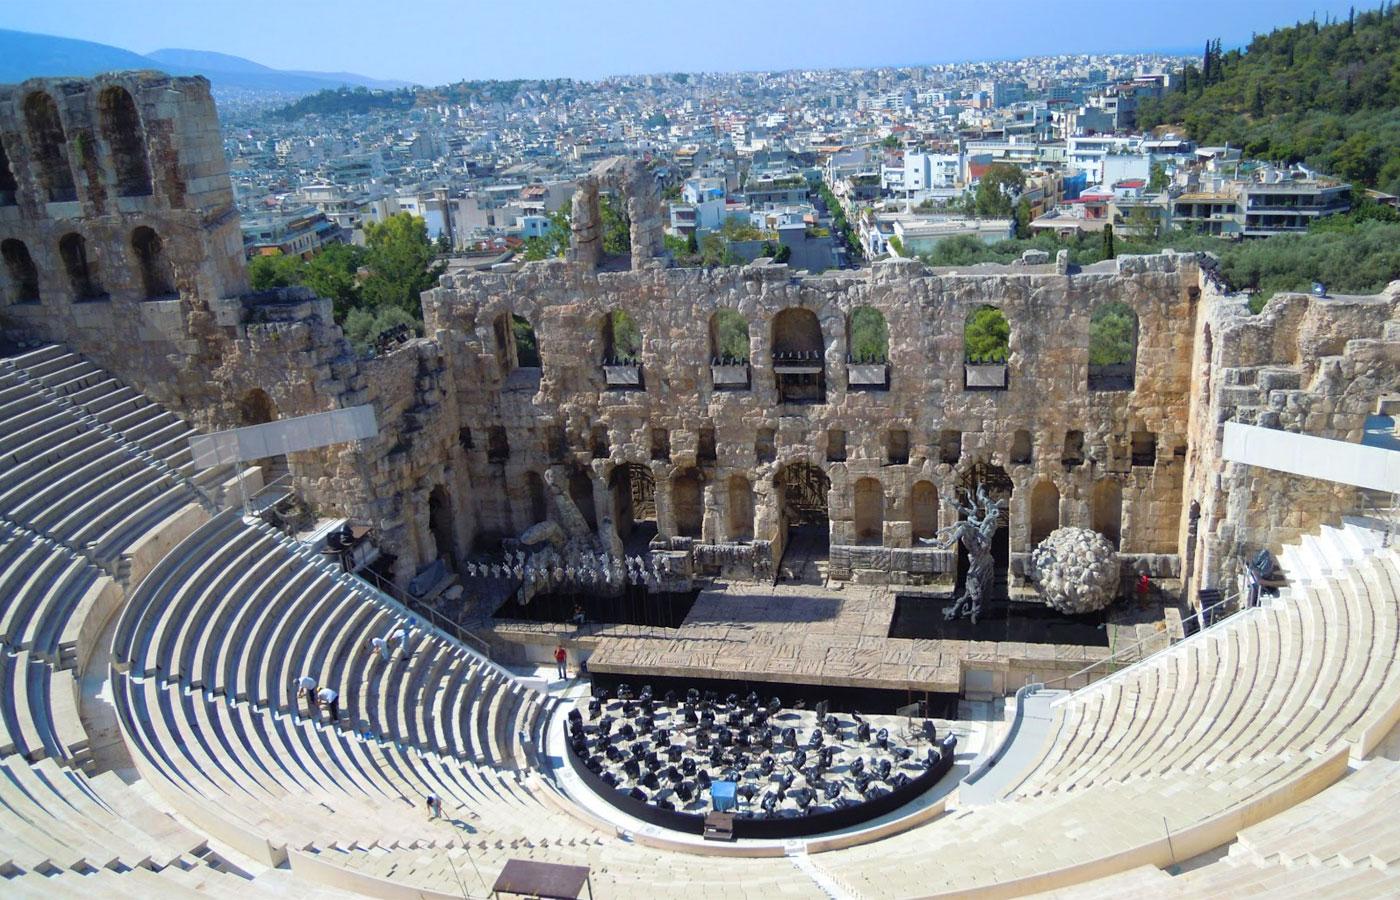 Teatro ateniese